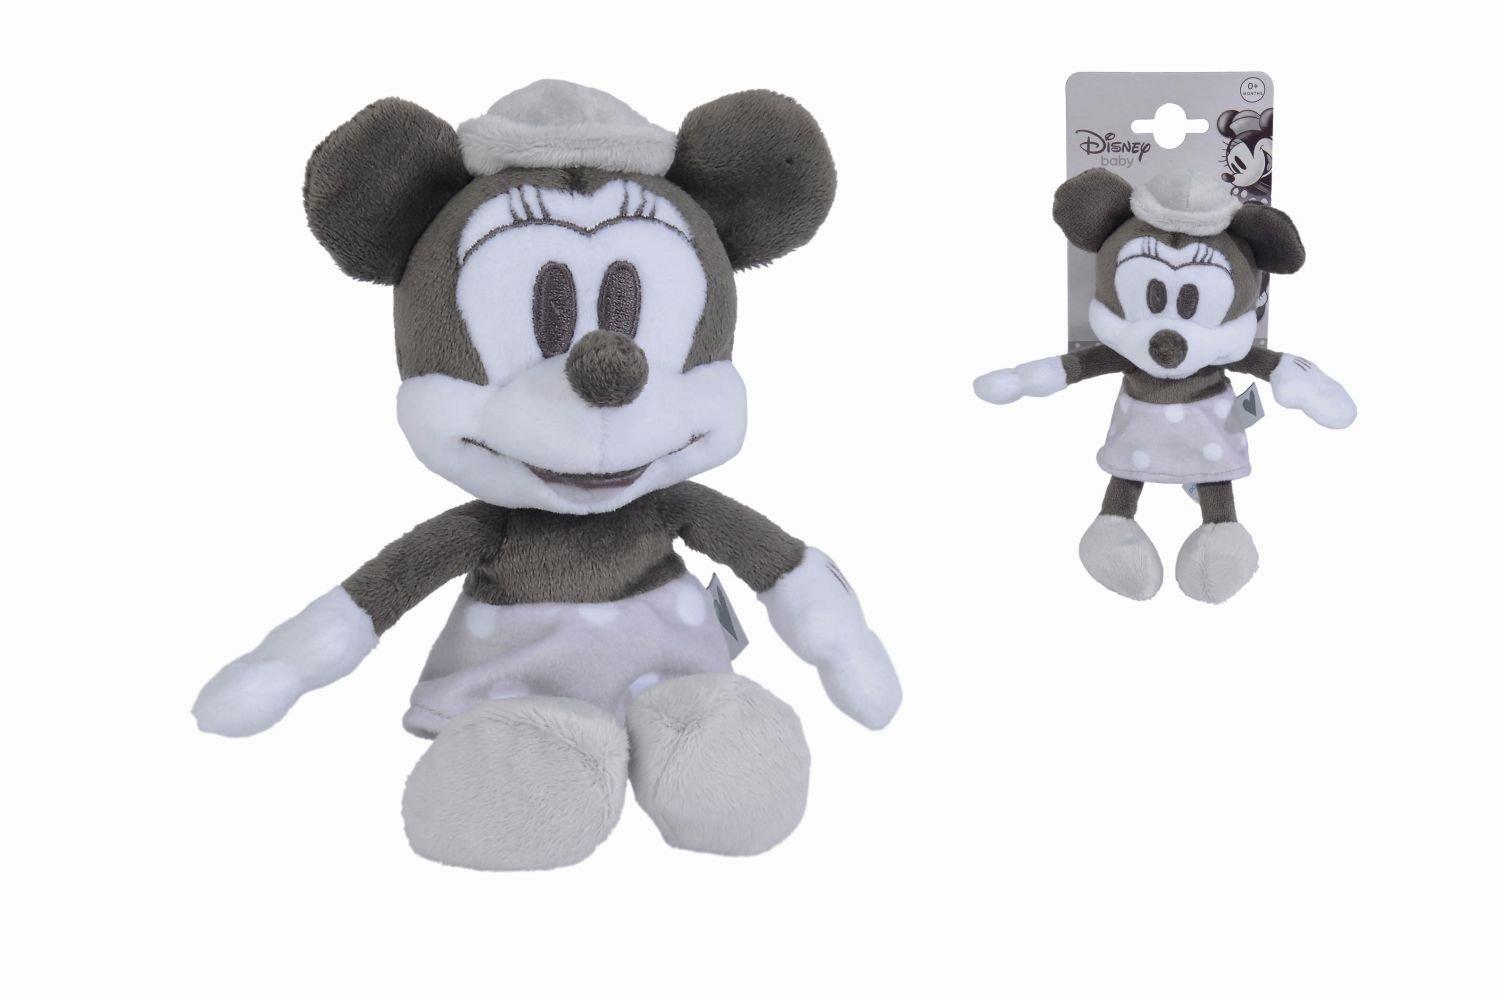 Disney – Peluche de Minnie Retro 15 cm Blanco y Negro, 5876402 ...